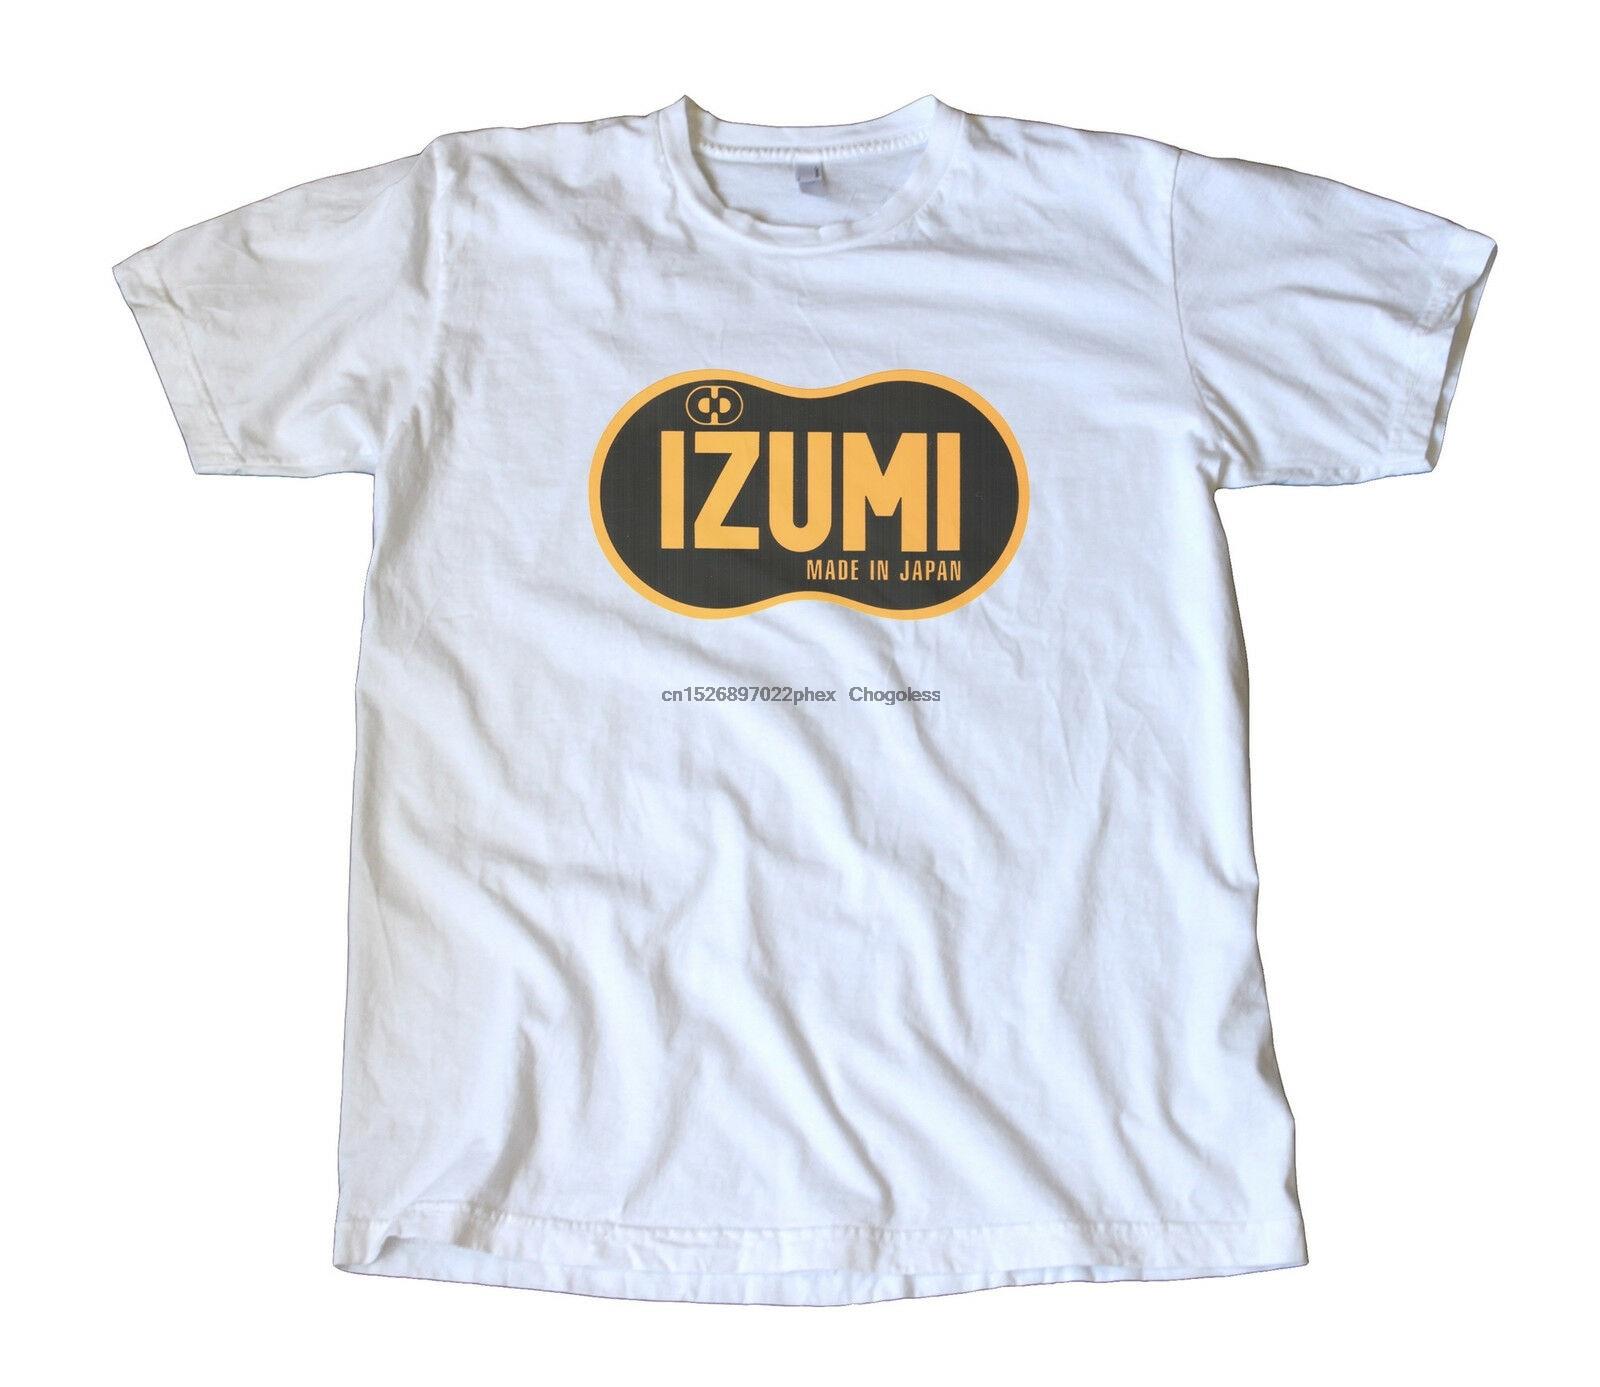 Clássico izumi feito no japão logotipo camiseta-ciclismo fixie track racing campy